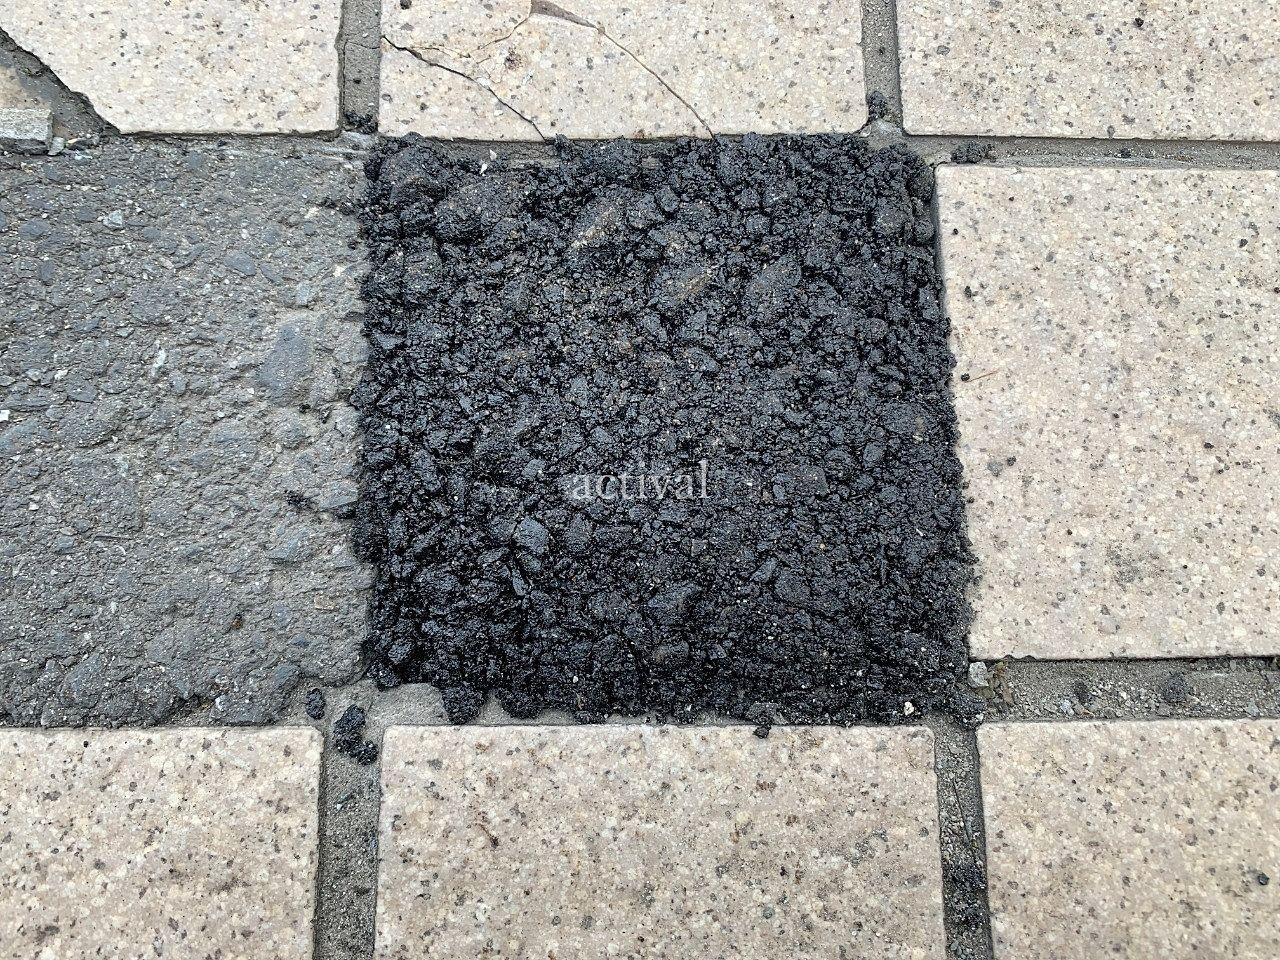 ア・ス・ヴェルデⅡ前の歩道のタイルを補修しました。